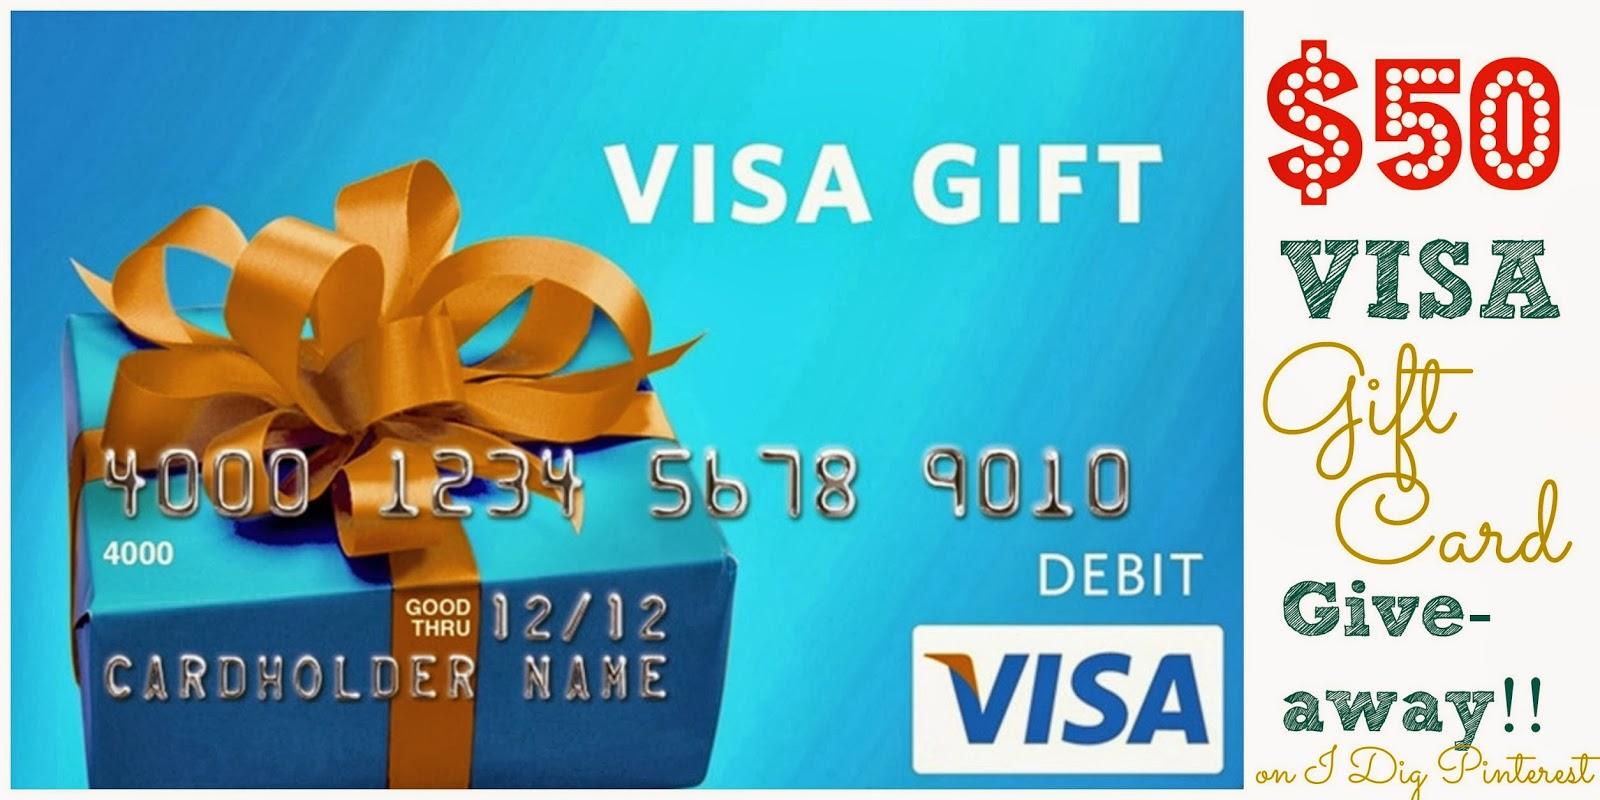 $50 Visa Gift Card Giveaway!! - I Dig Pinterest